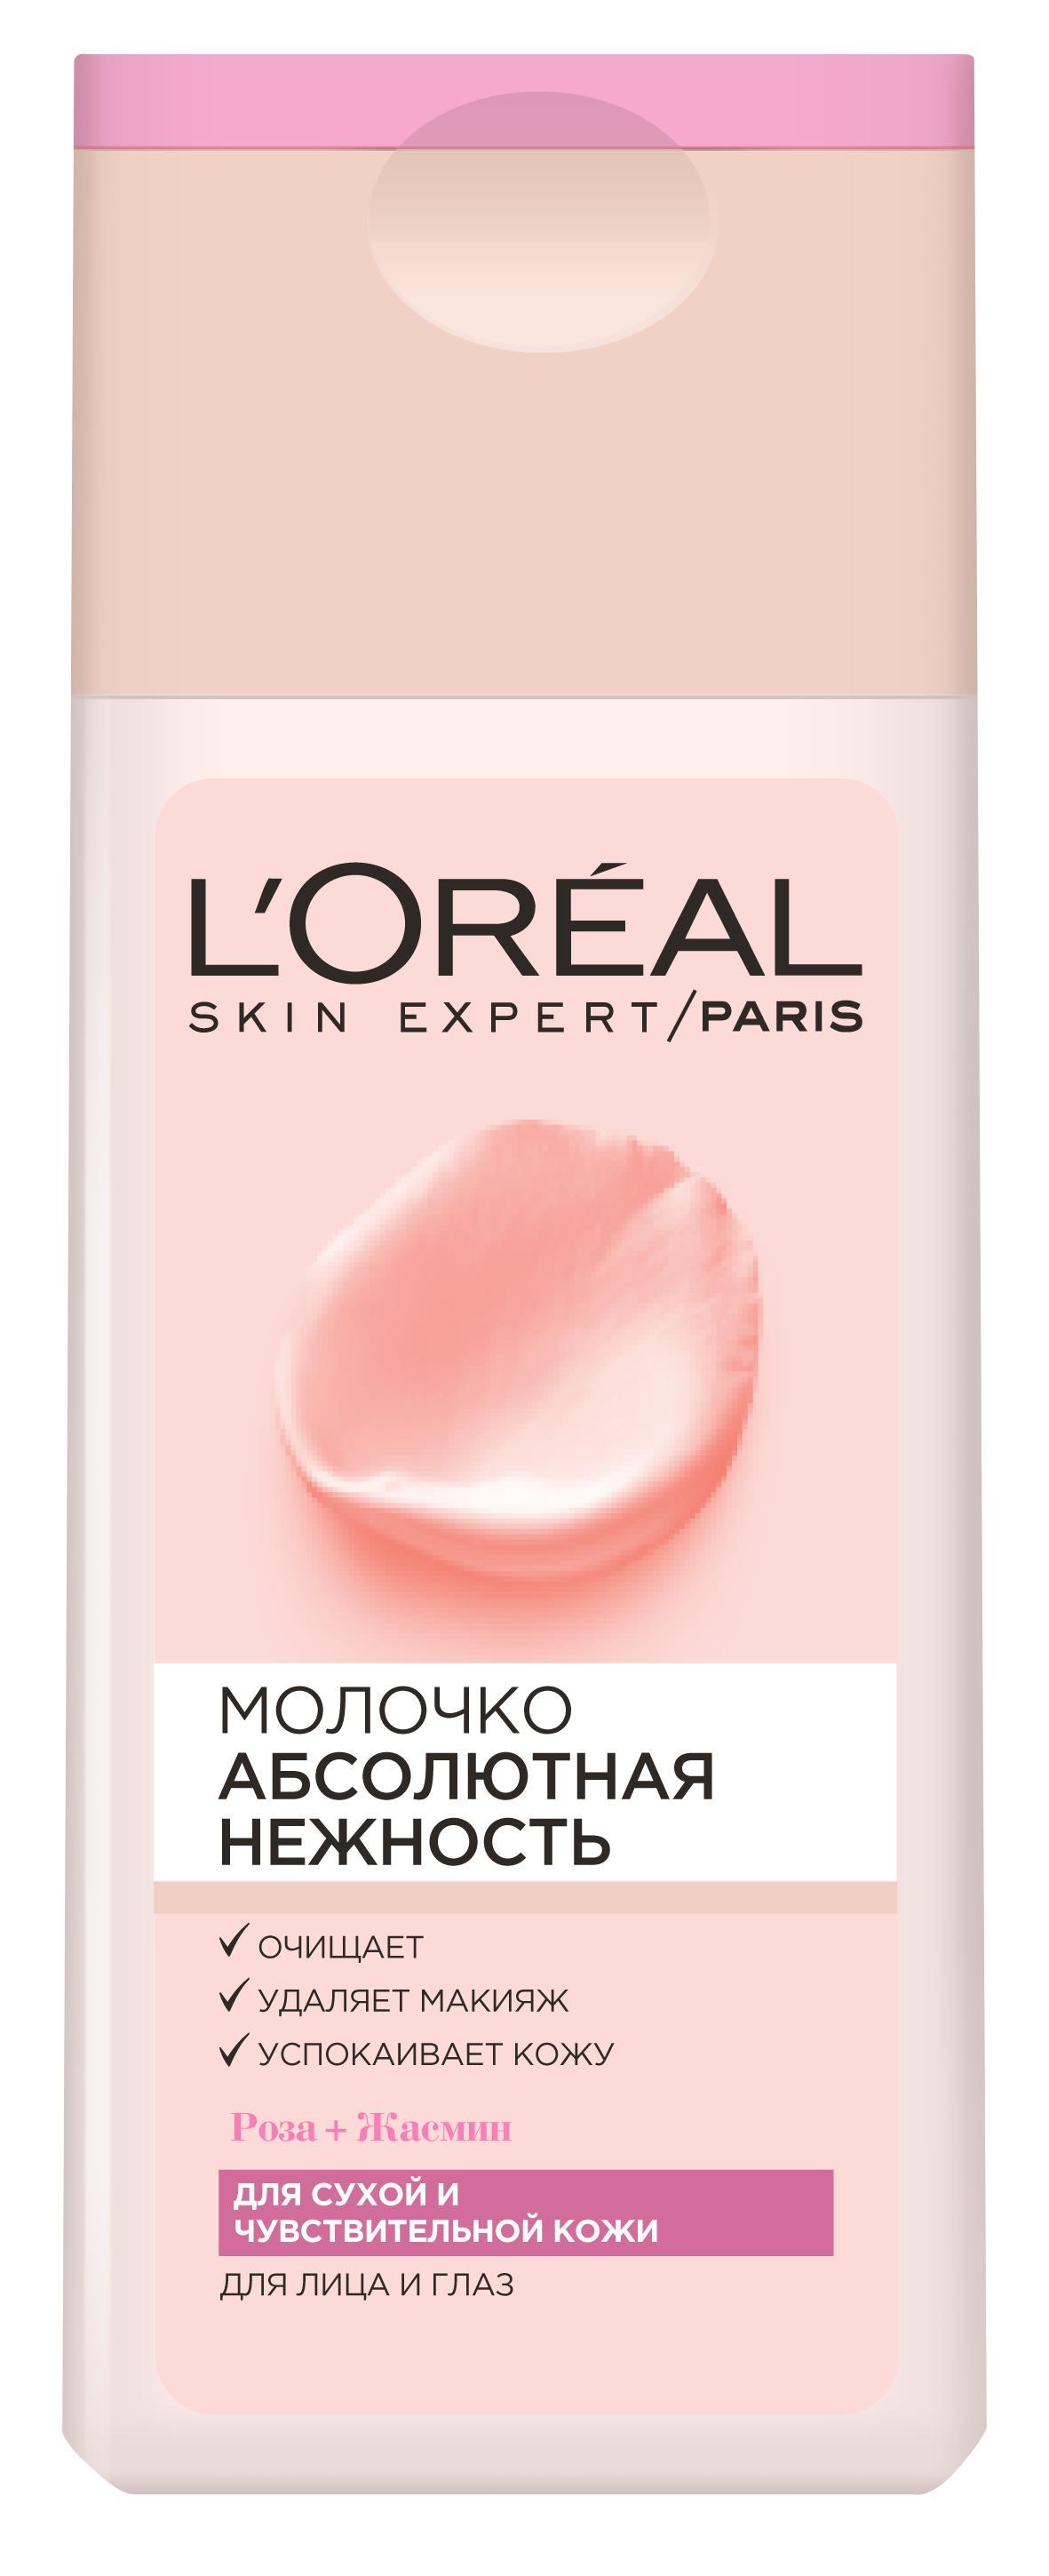 LOreal Paris Абсолютная Нежность Очищающее молочко для лица и глаз для сухой и чувствительной кожи, гипоаллергенное, 200млFS-00897Очищающее молочко для лица «Абсолютная нежность» от Лореаль Париж разработано для ухода за сухой и чувствительной кожей. В составформулы входят смягчающие компоненты, которые бережно удаляют косметические средства с кожи лица и глаз, питают кожу, оставляя ощущения нежности и комфорта. Мгновенный эффект: кожа мягкая и увлажненная. После использования день за днем кожа становится нежной, более мягкой и красивой. Тонкий цветочный аромат позволит вам получить истинное удовольствие от чувственный опыт от ухода за кожей.Содержит экстракт розы, известный своими успокаивающими свойствами и способностью уменьшать ощущение дискомфорта, и экстракт жасмина, известный своими смягчающими и успокаивающими свойствами.